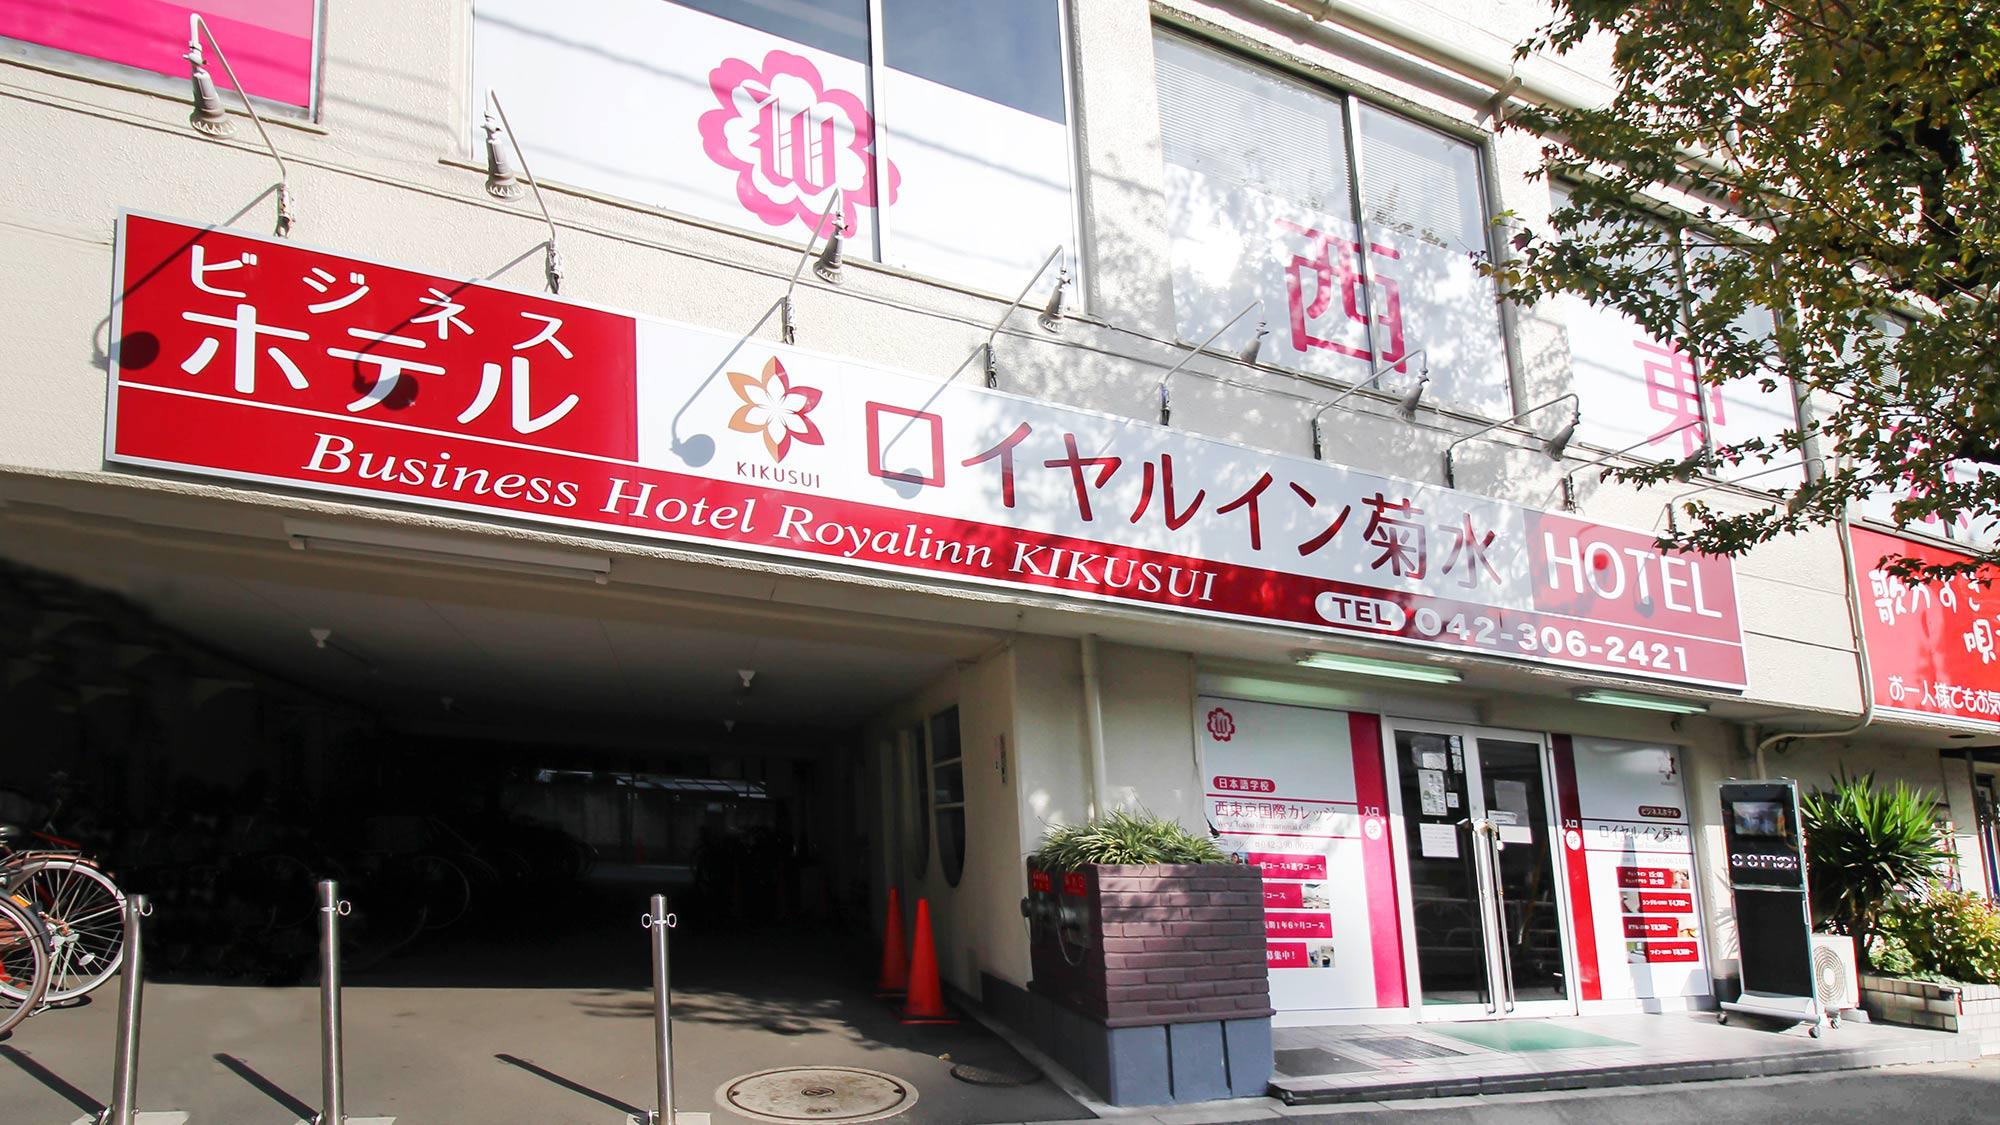 ビジネスホテル ロイヤルイン菊水